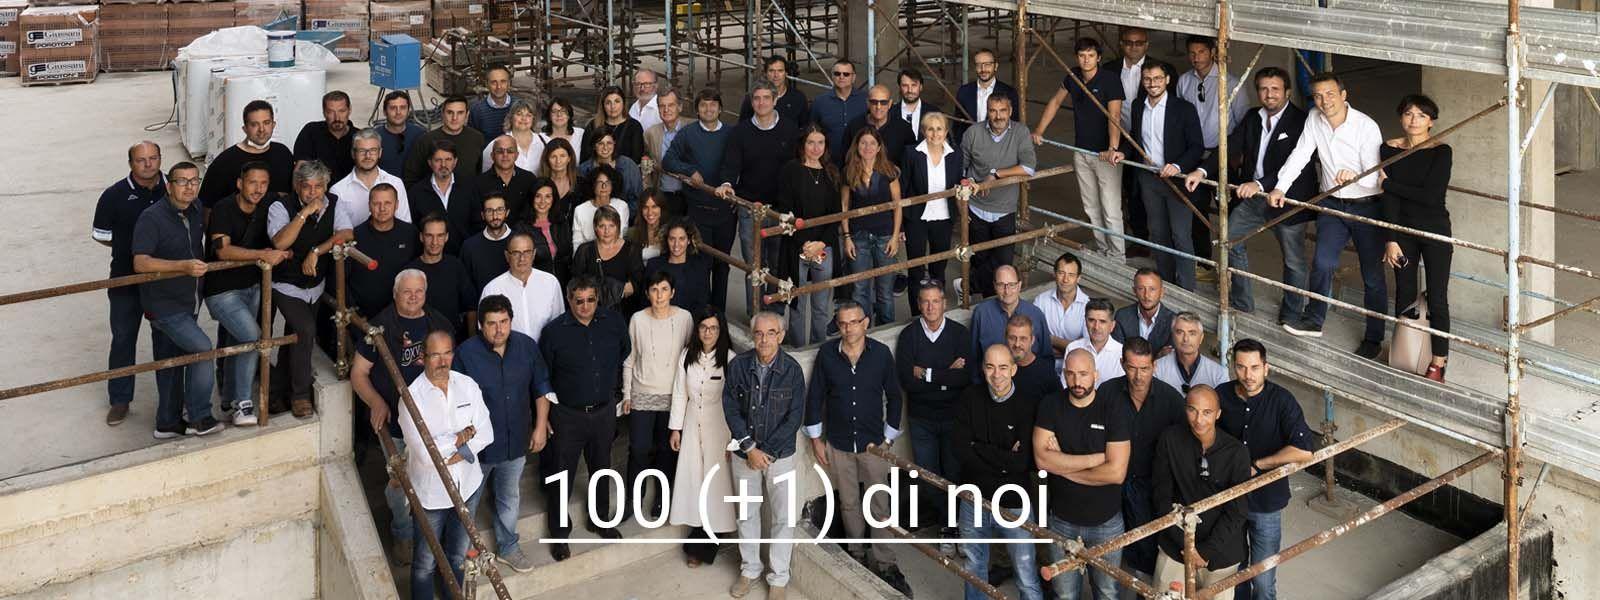 https://www.boriomangiarotti.eu/news/159_100-1-di-noi.html